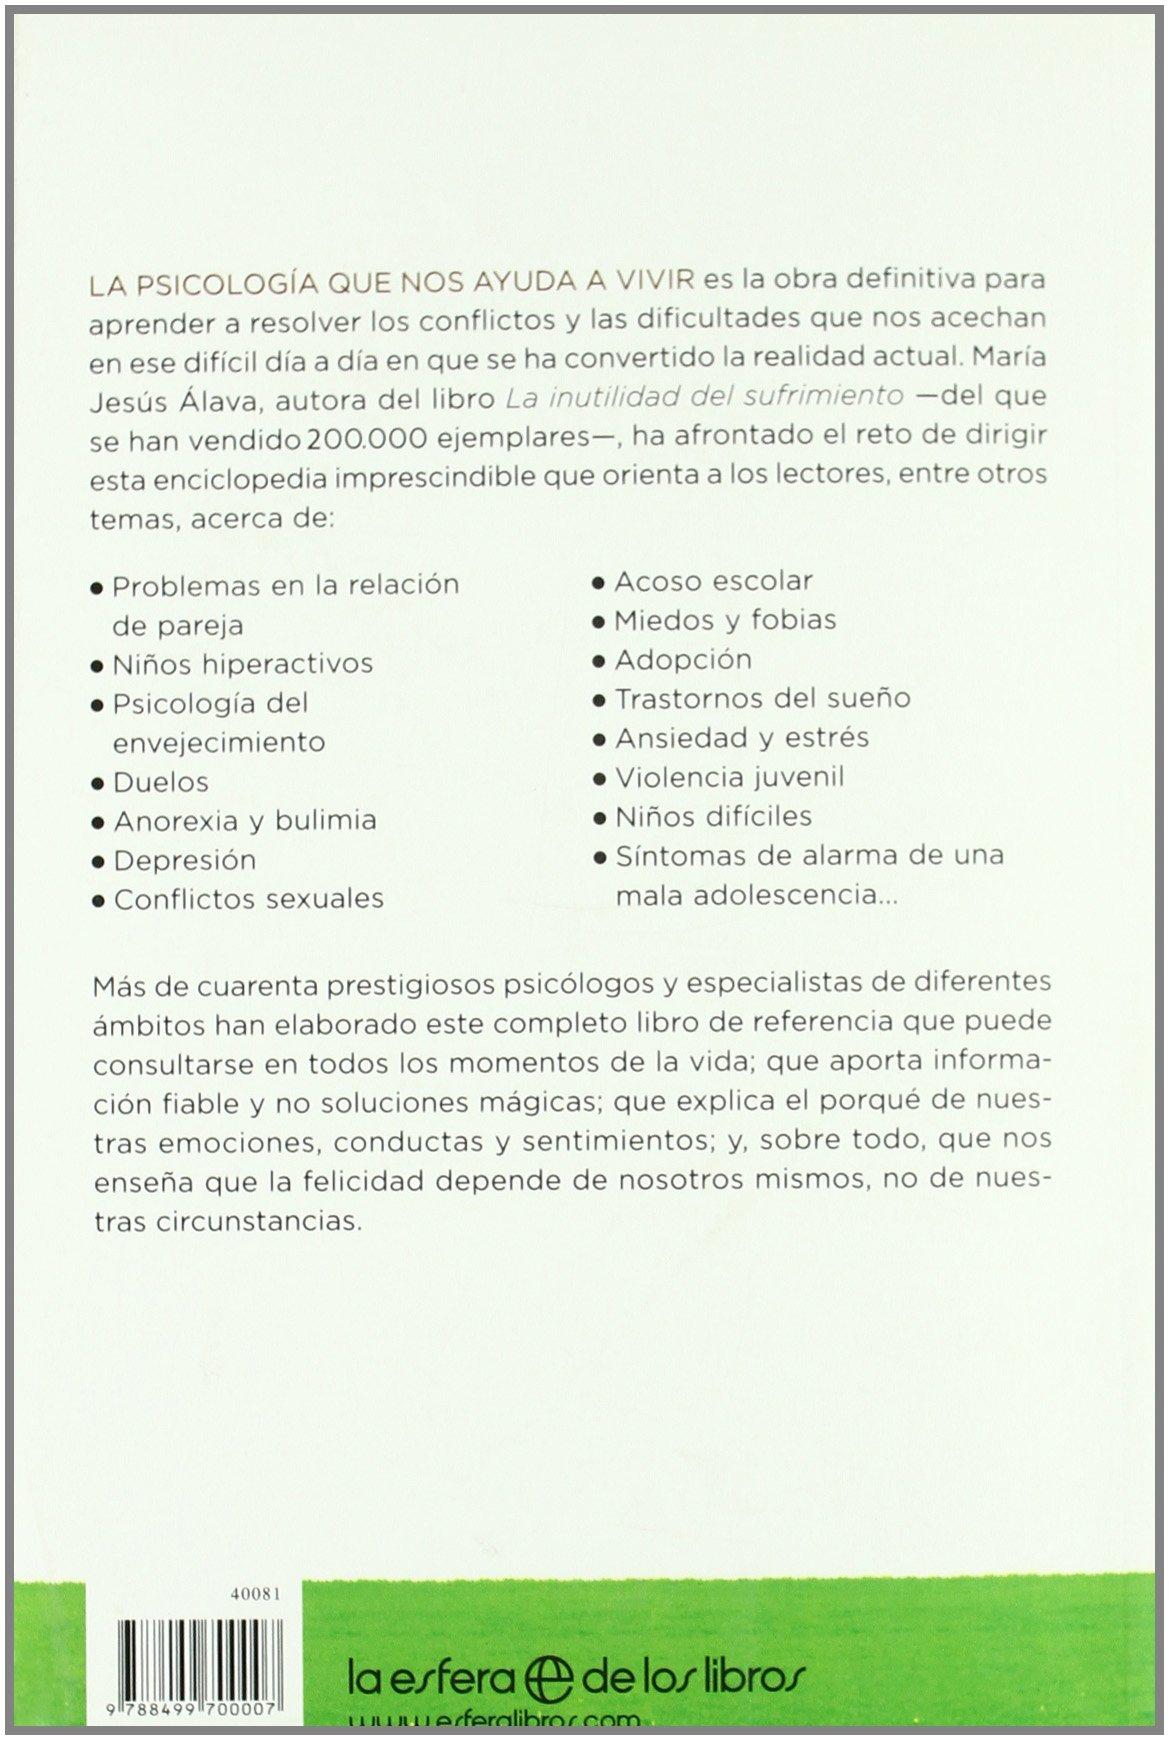 La psicología que nos ayuda a vivir: Mª Jesús Álava Reyes: 9788499700007: Amazon.com: Books